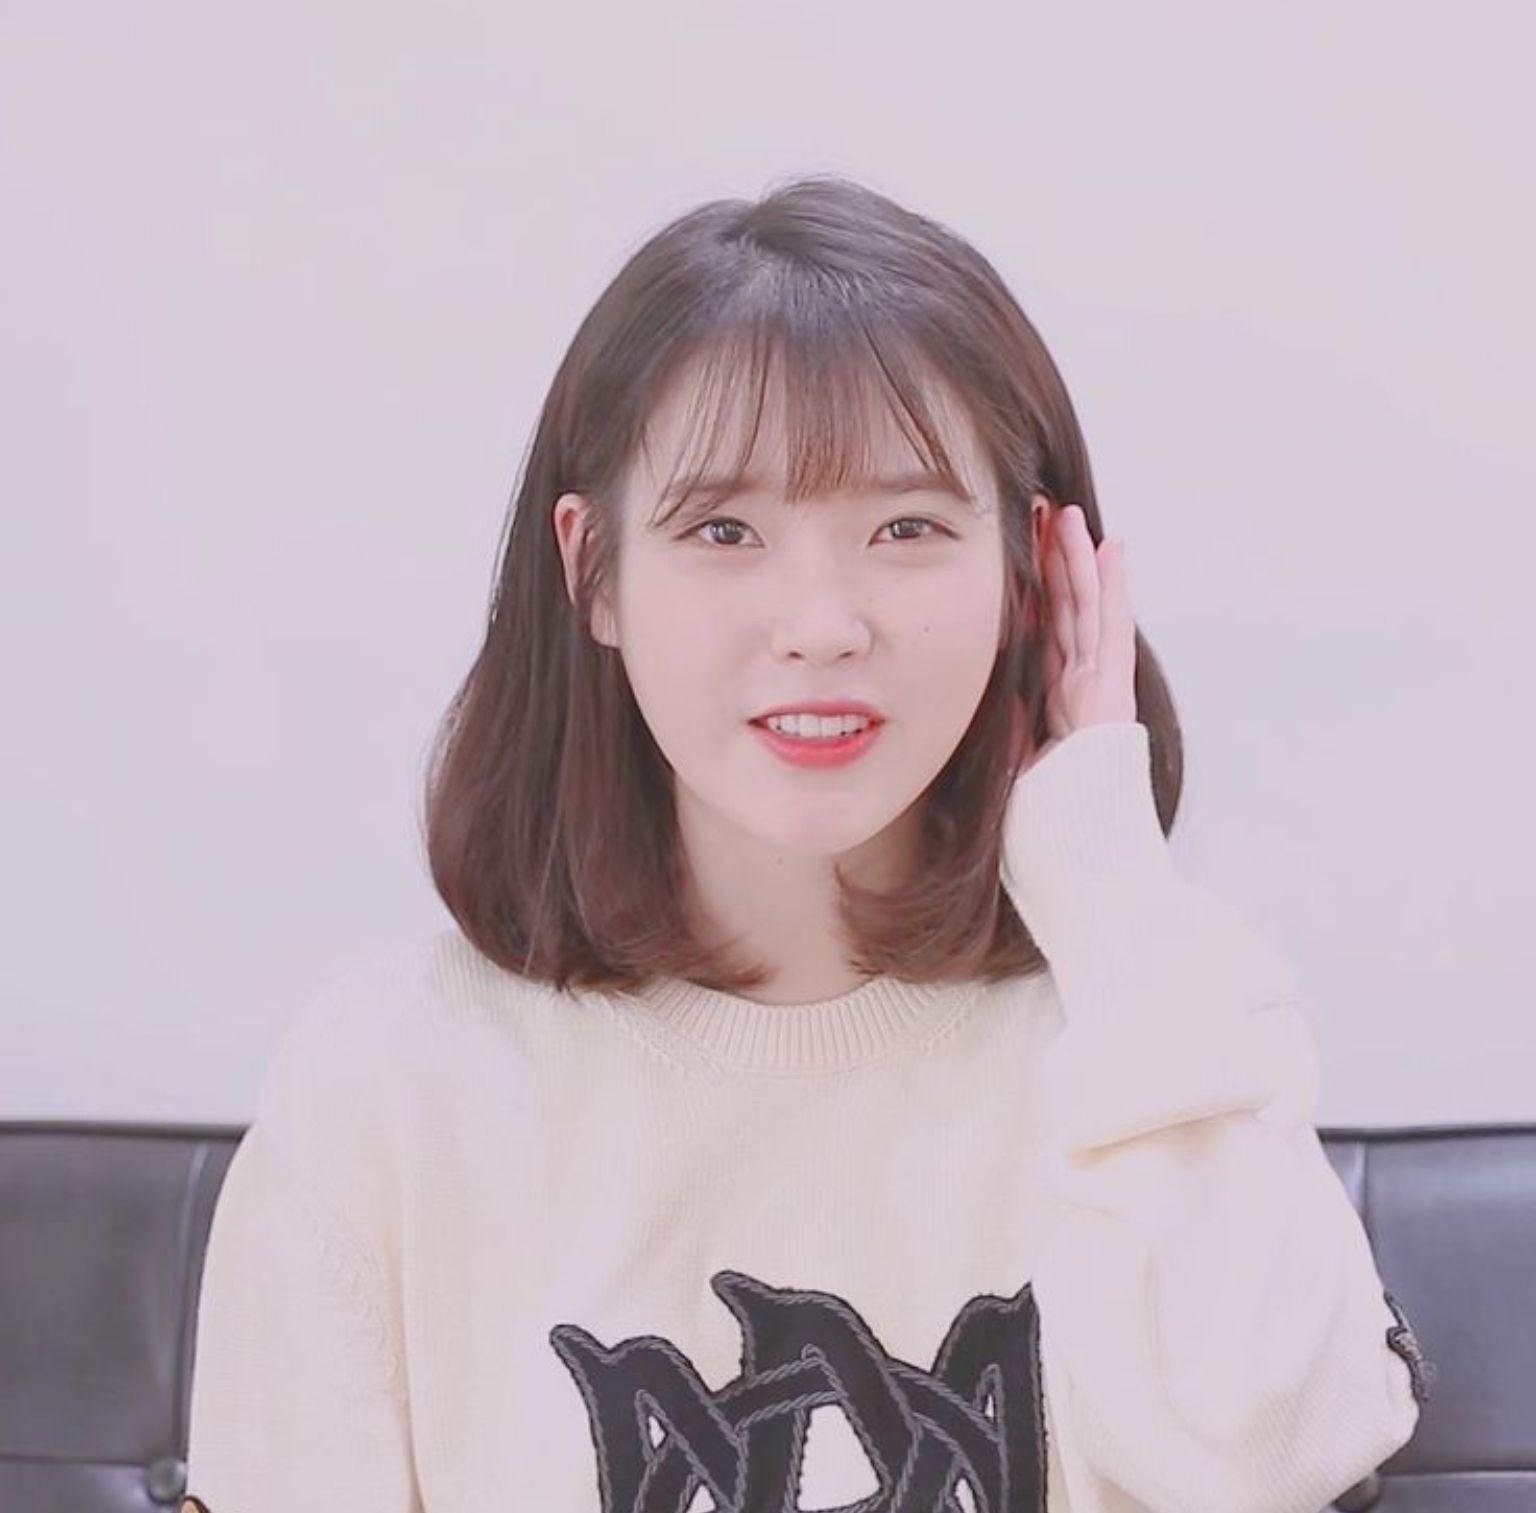 r o s i e di 10  Gaya rambut korea, Gaya rambut pendek, Gaya rambut